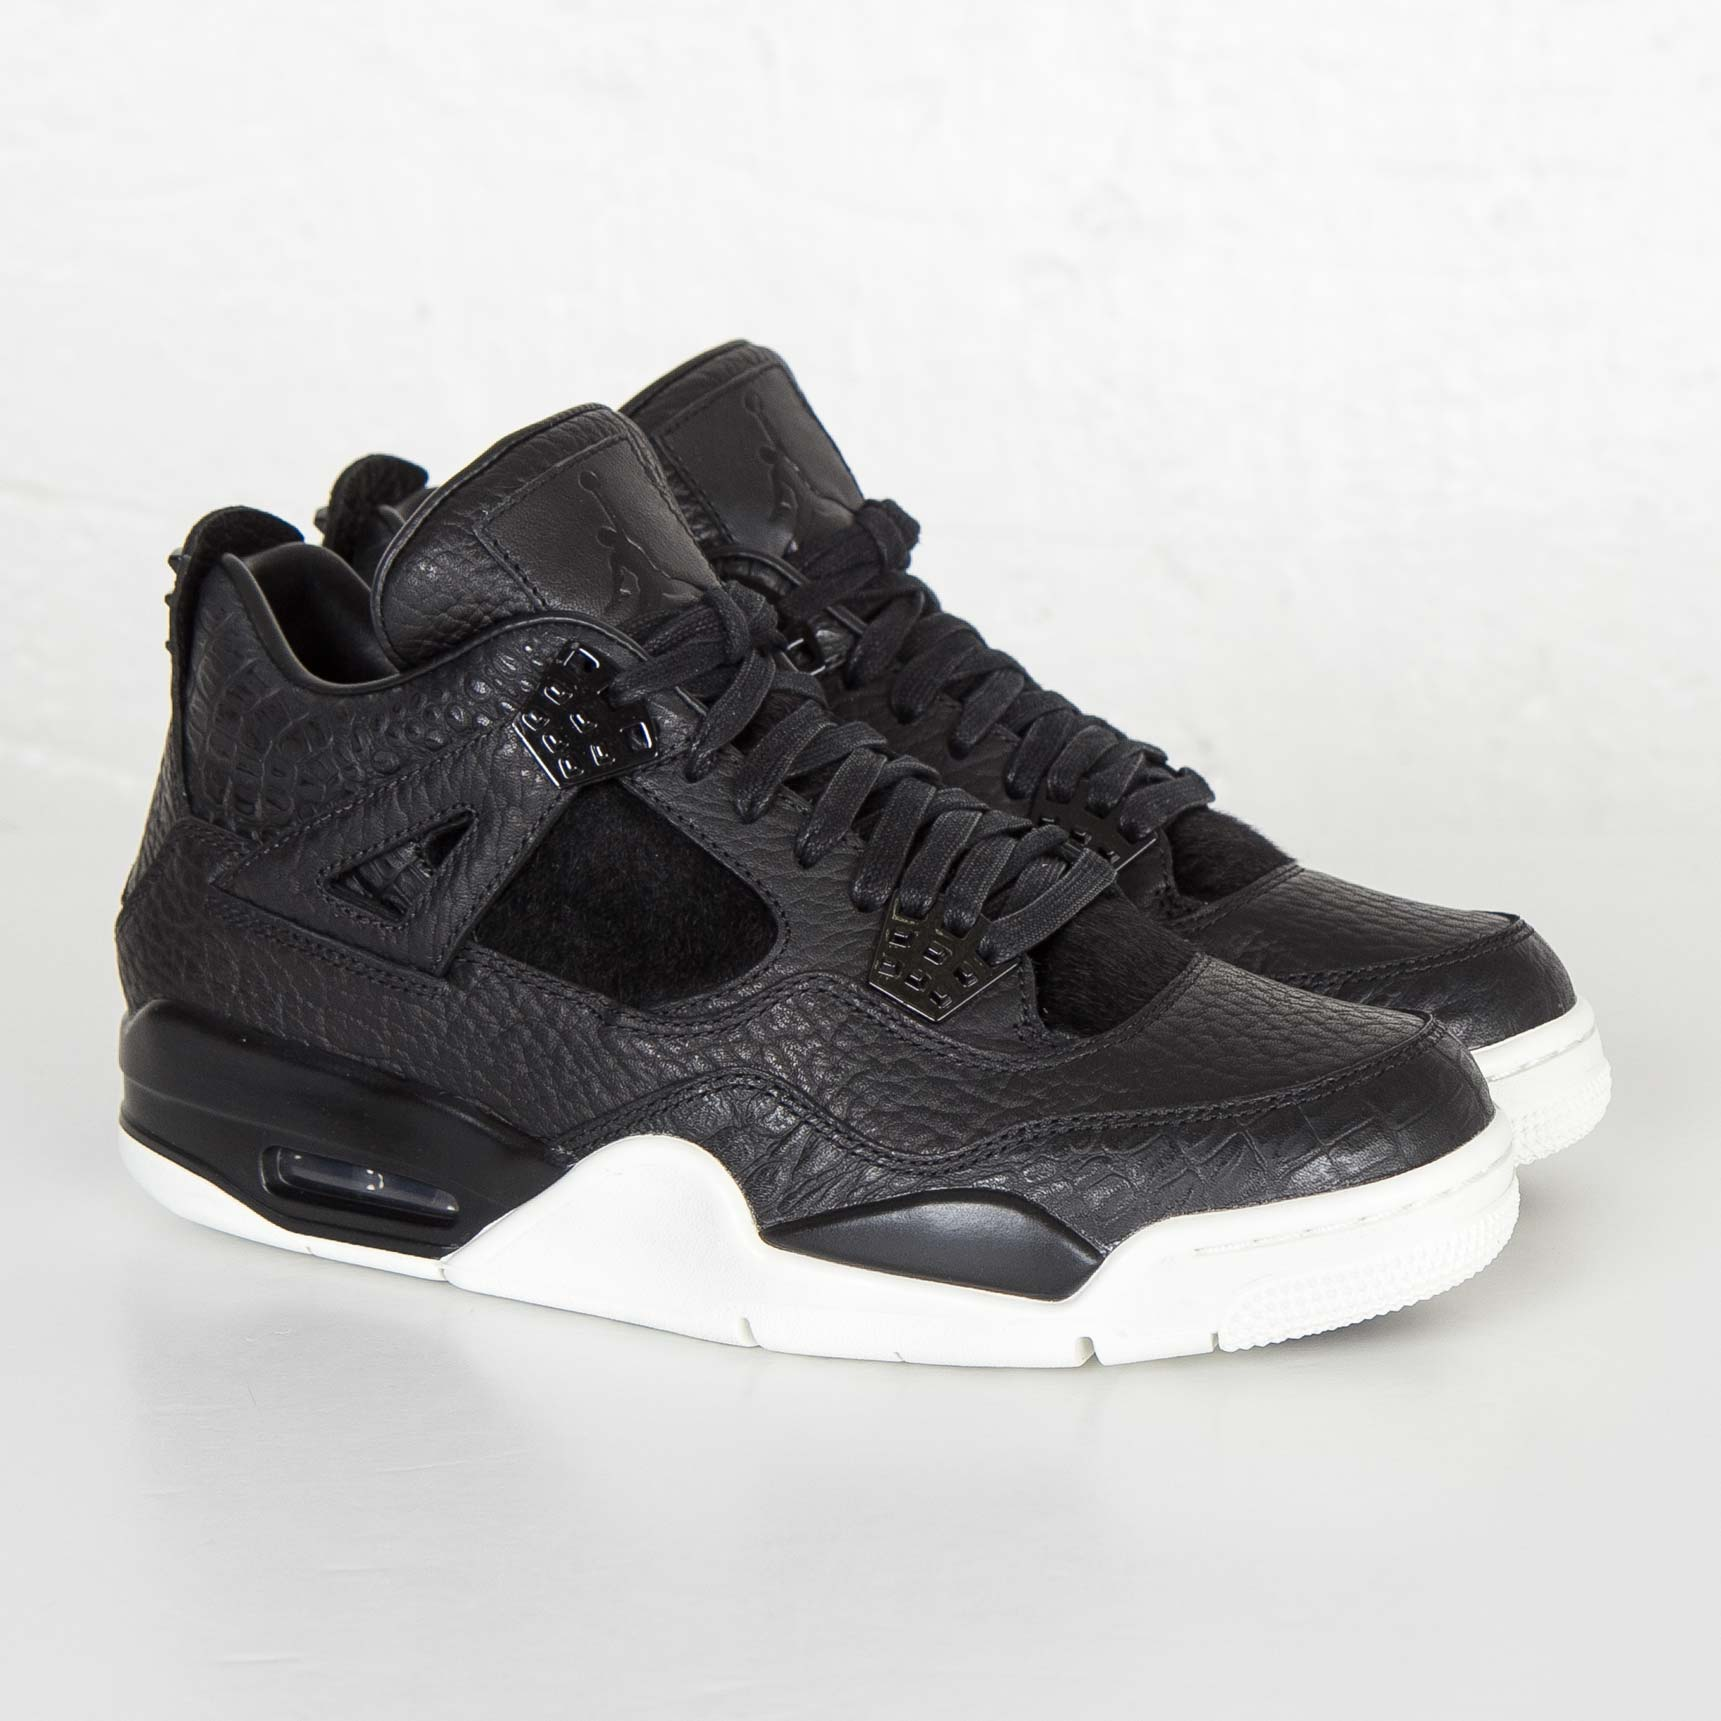 sale retailer ea1ff 46942 Jordan Brand Air Jordan 4 Retro Premium